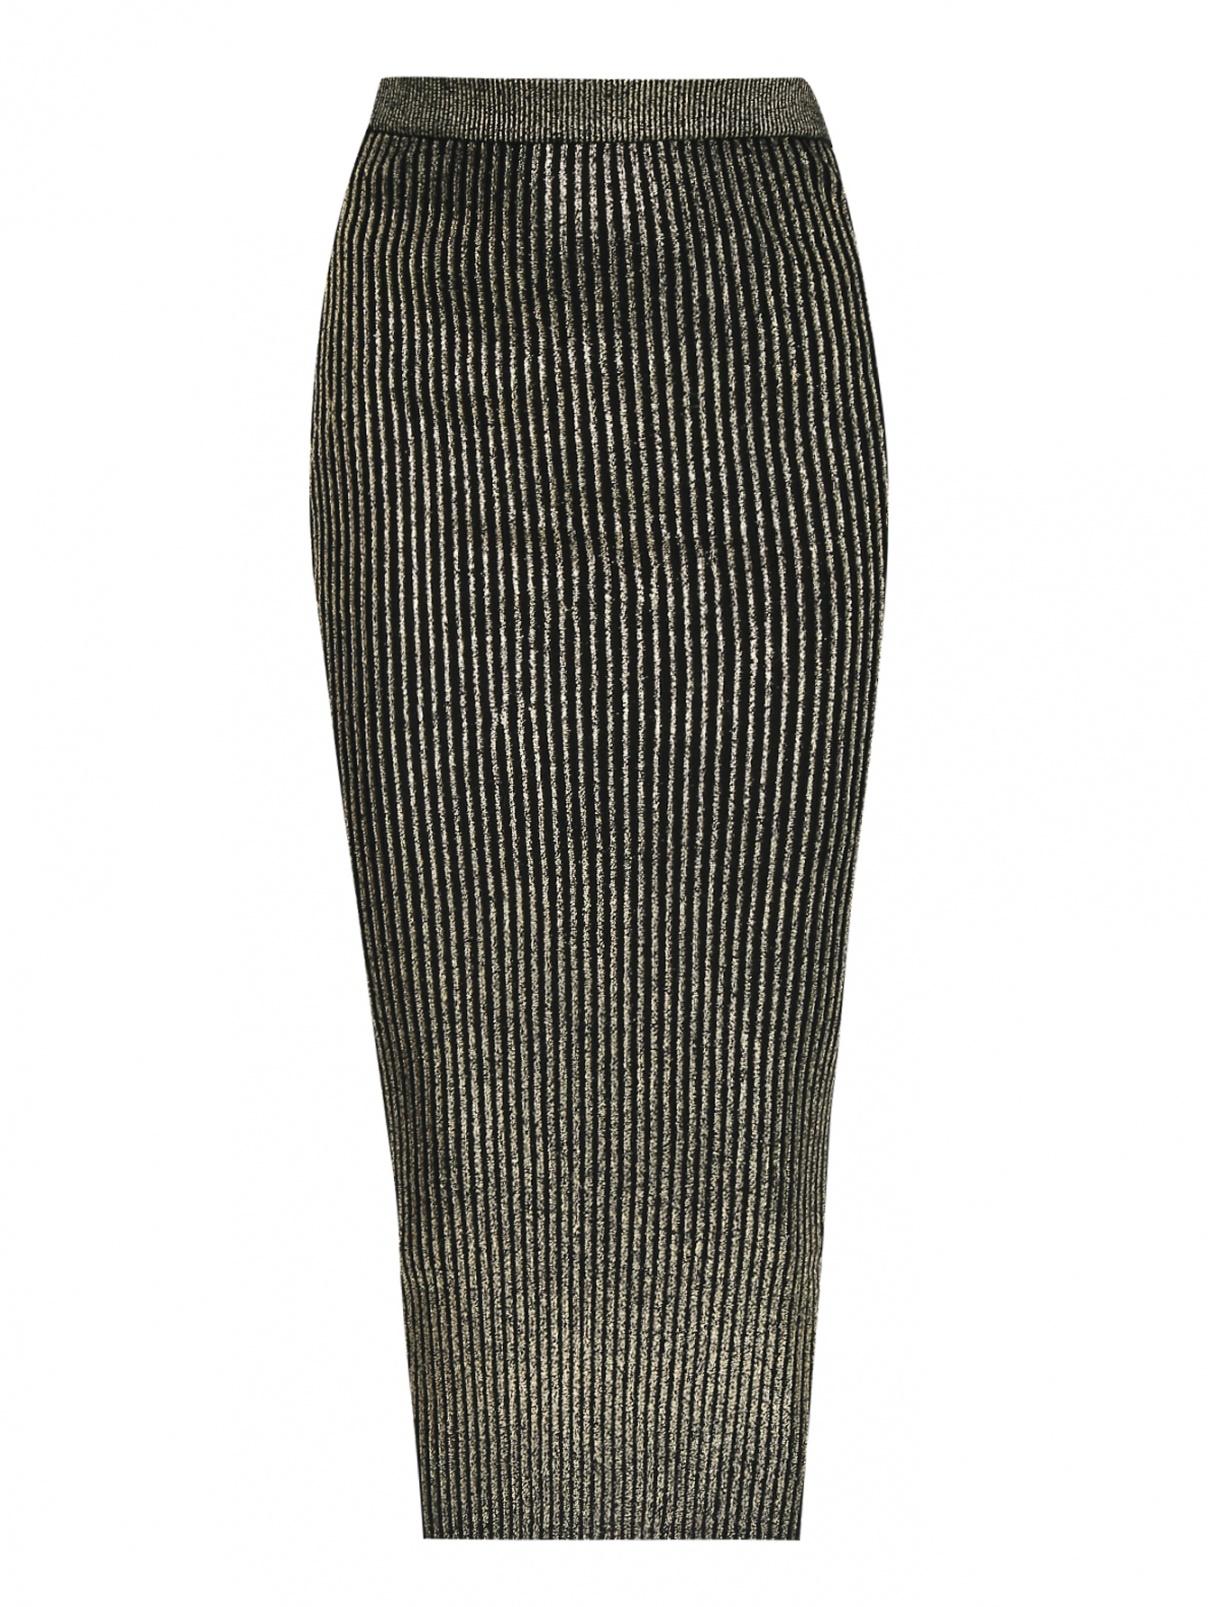 Юбка-резинка из шерсти с напылением металлик Isola Marras  –  Общий вид  – Цвет:  Золотой